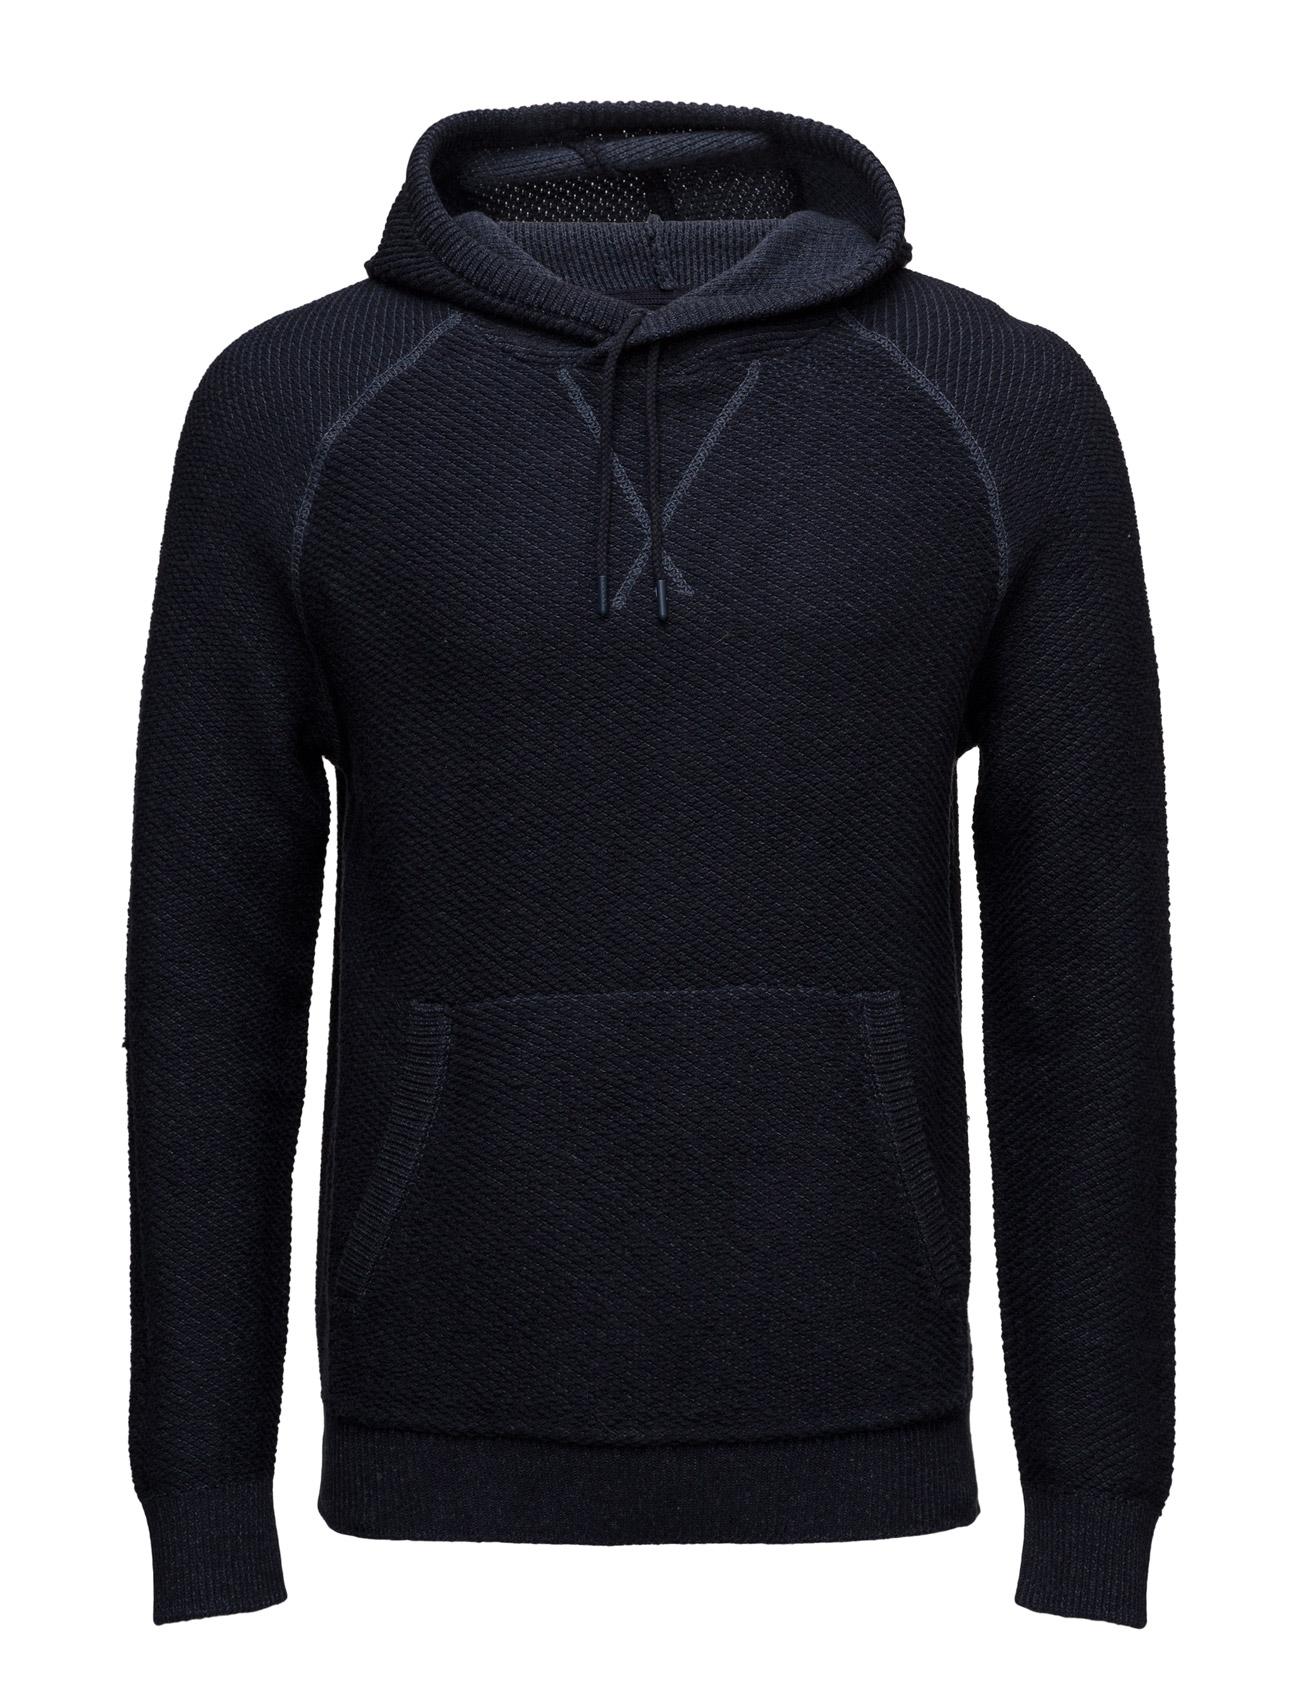 Sweaters Esprit Casual Hættetrøjer til Herrer i Navy blå